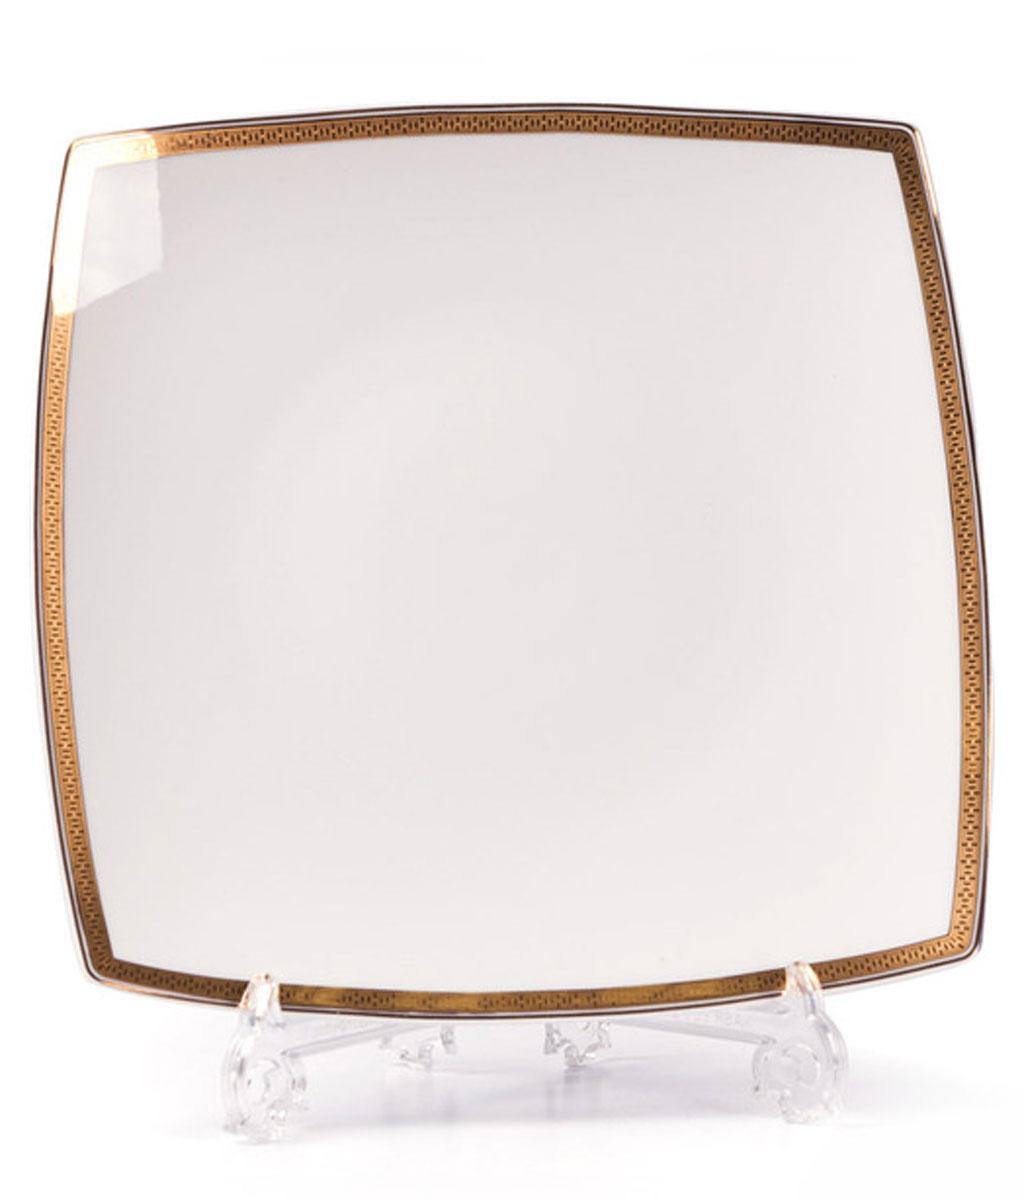 Kyoto 1555 набор тарелок для десерта, 6 шт/уп, цвет: белый с золотом719101 1555В наборе тарелка 22 см 6 штук Материал: фарфор: цвет: белый с золотом Серия: KYOTO